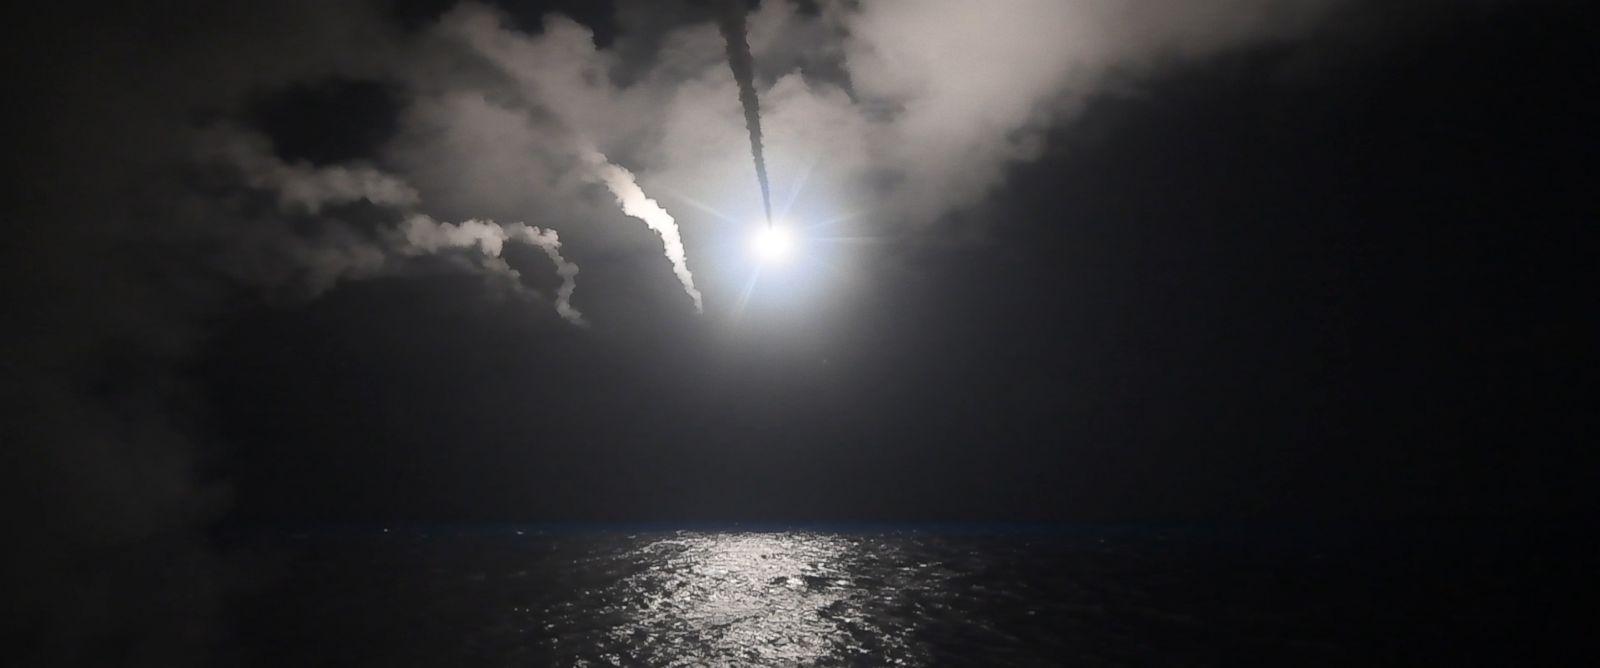 Căn cứ Syria tan hoang sau khi bị tên lửa Mỹ oanh tạc - 2